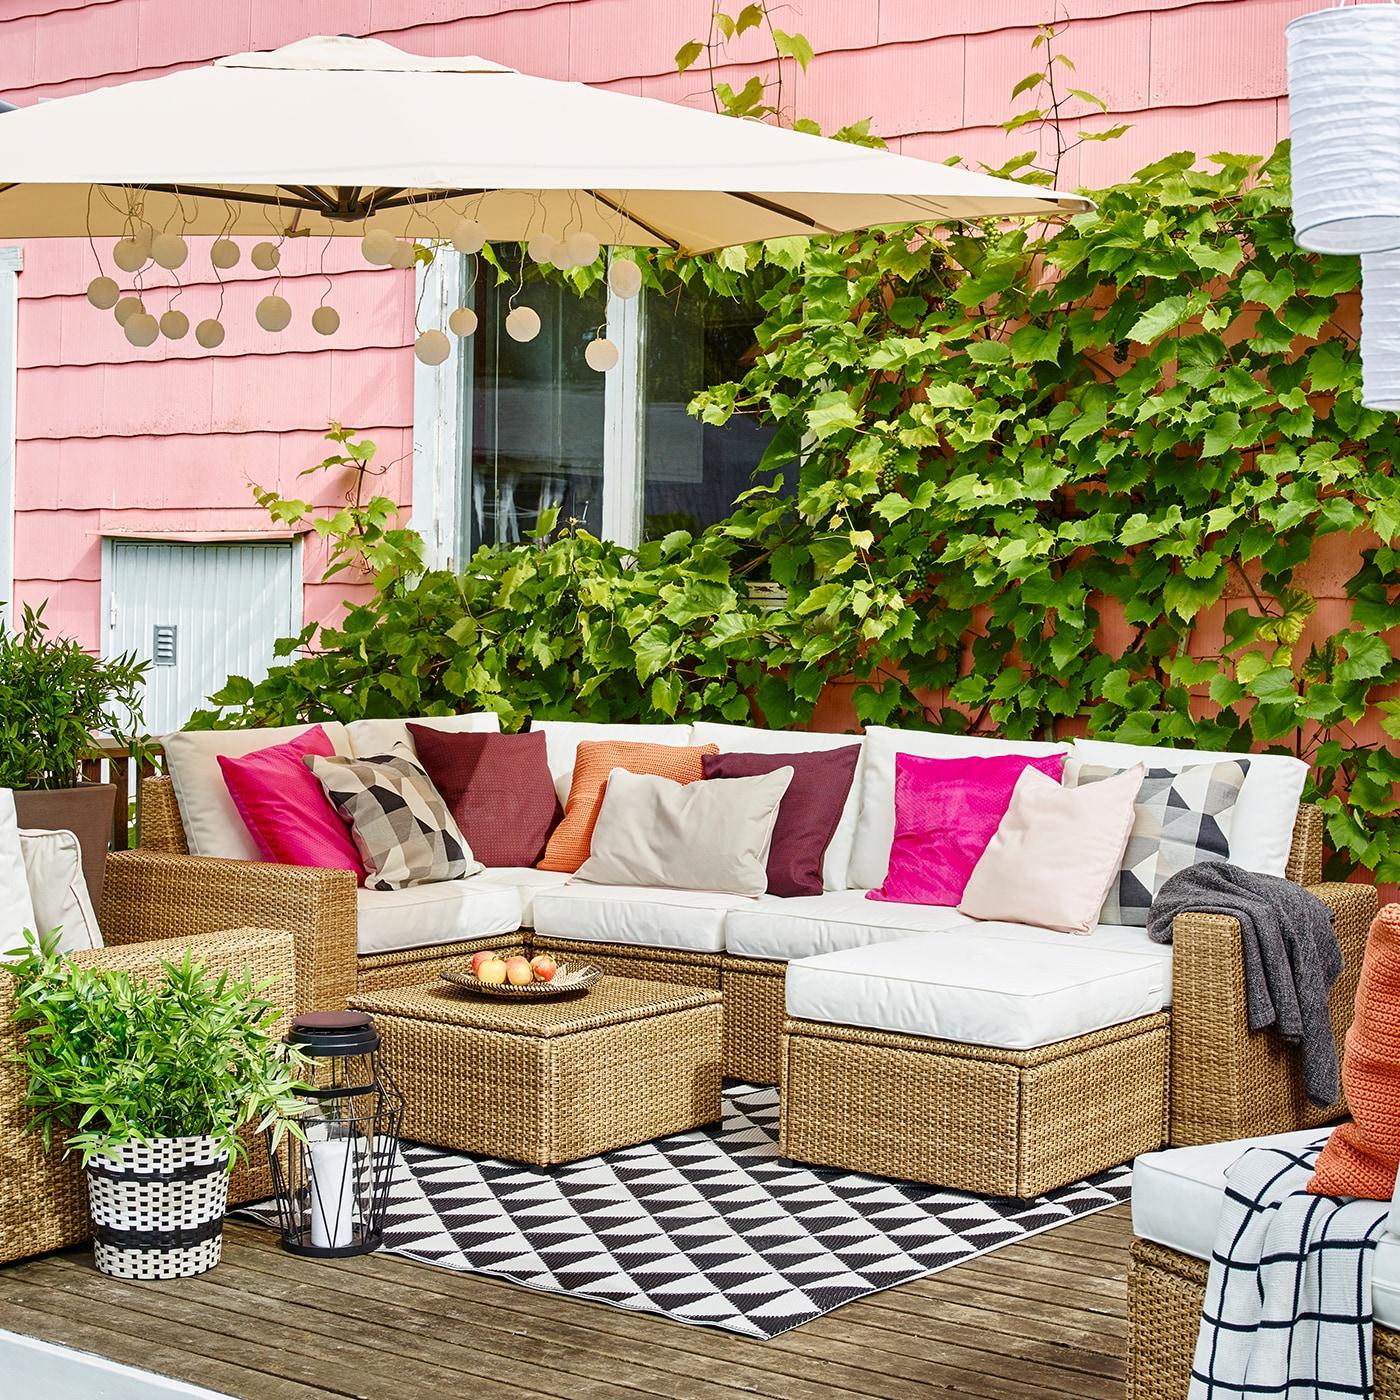 Full Size of Klapptisch Küche Garten Wohnzimmer Wand:ylp2gzuwkdi= Klapptisch